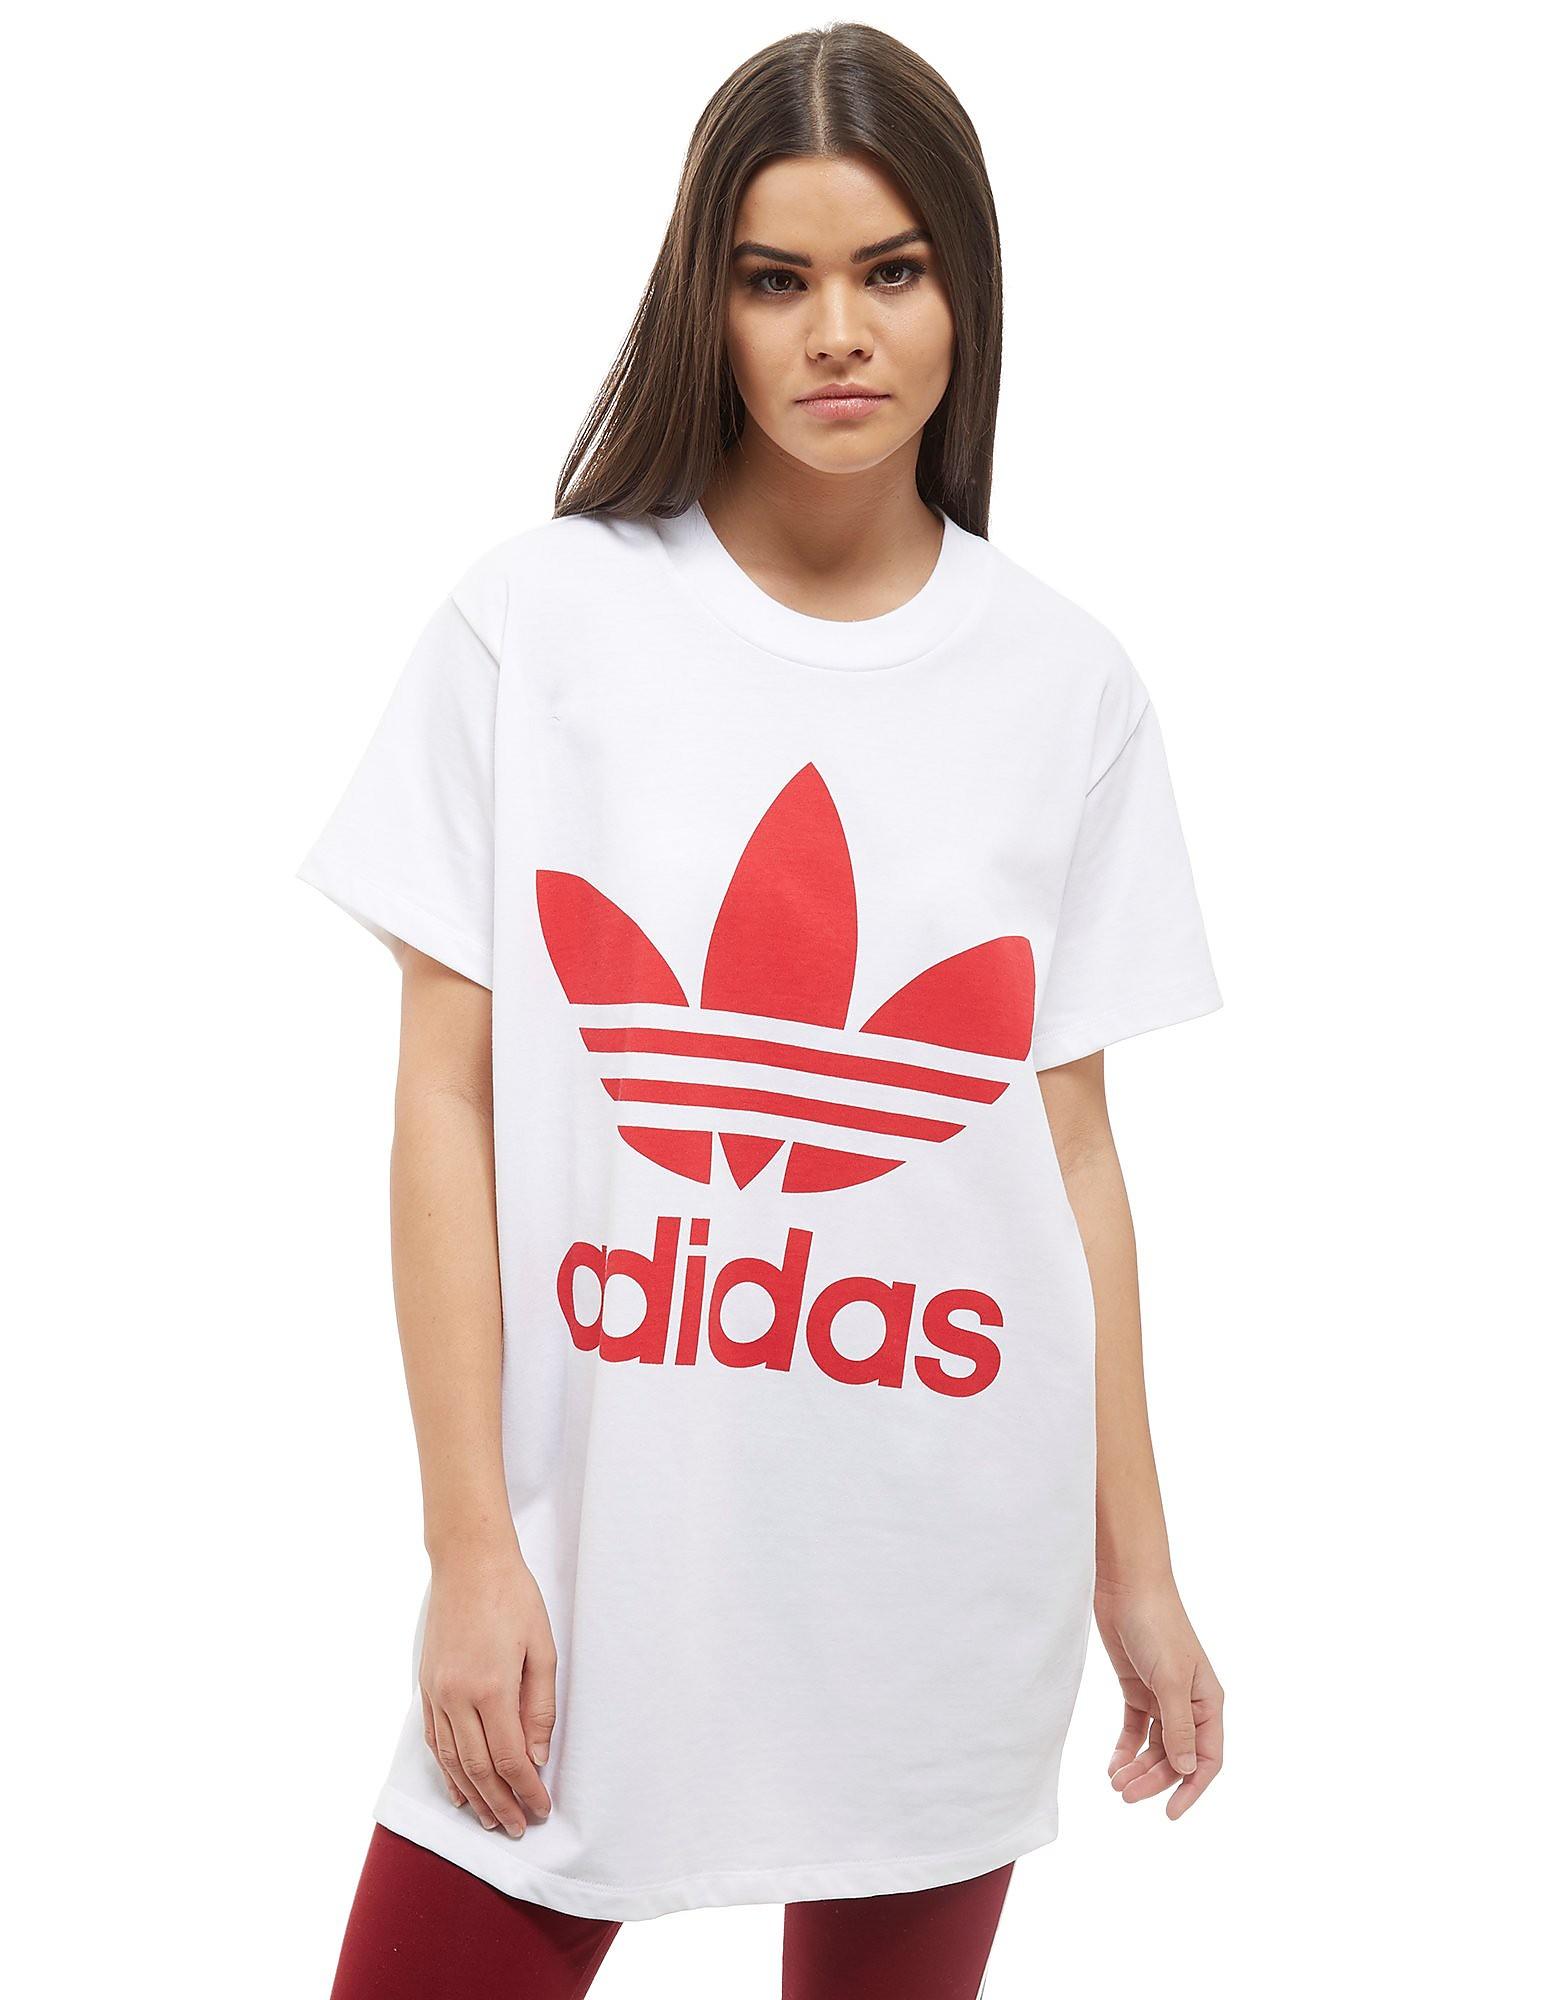 adidas Originals Big Trefoil T-Shirt